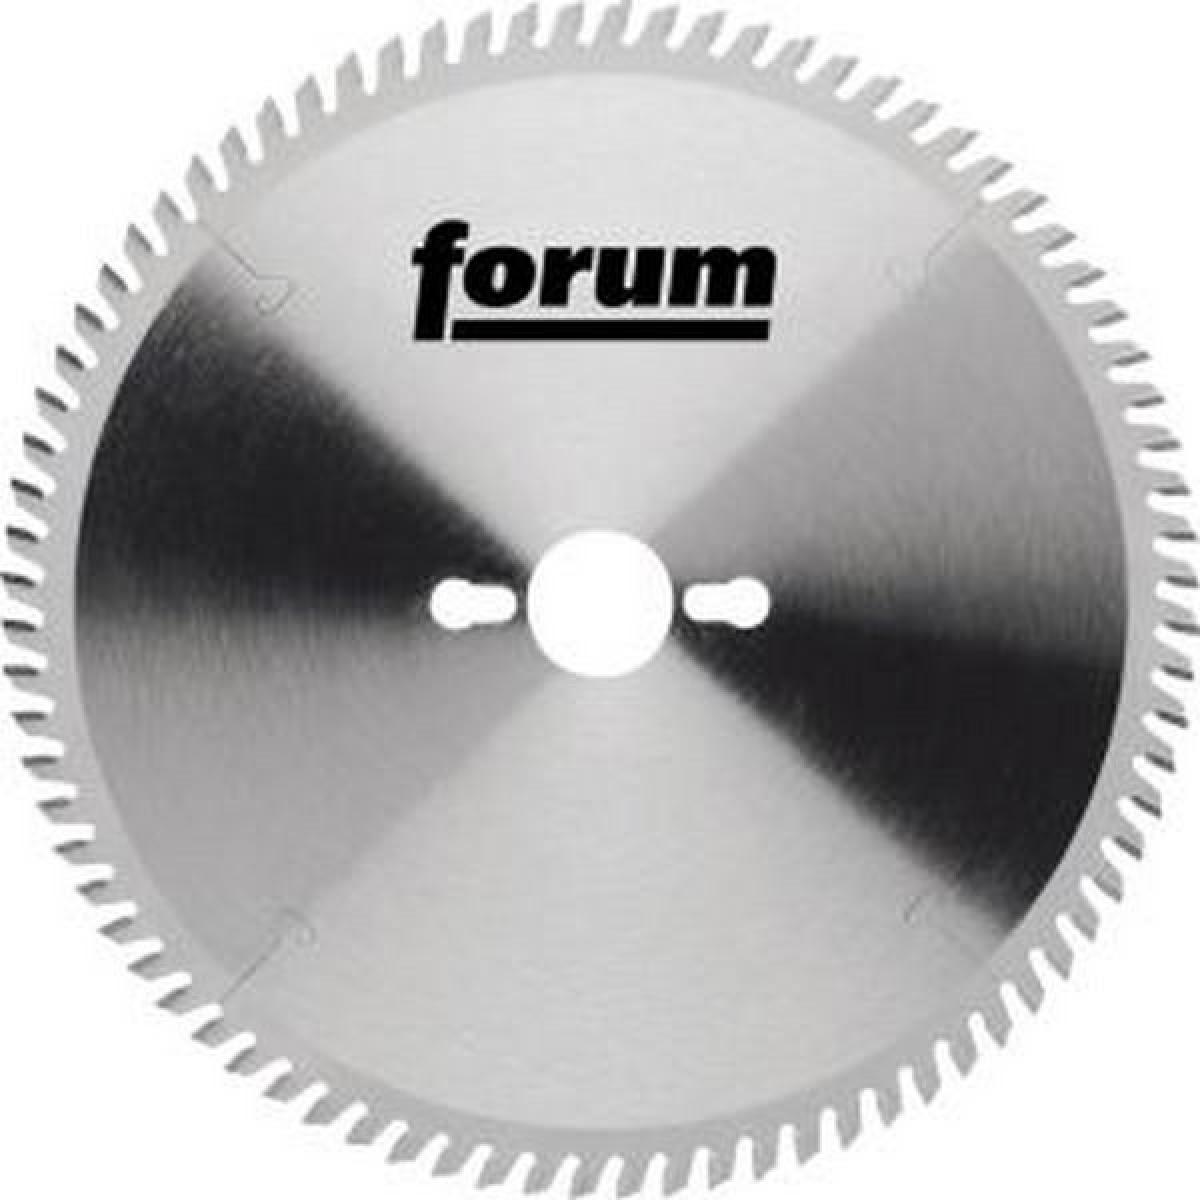 Forum Lame de scie circulaire, Ø : 225 mm, Larg. : 2,8 mm, Alésage 30 mm, Perçages secondaires : -, Dents : 48